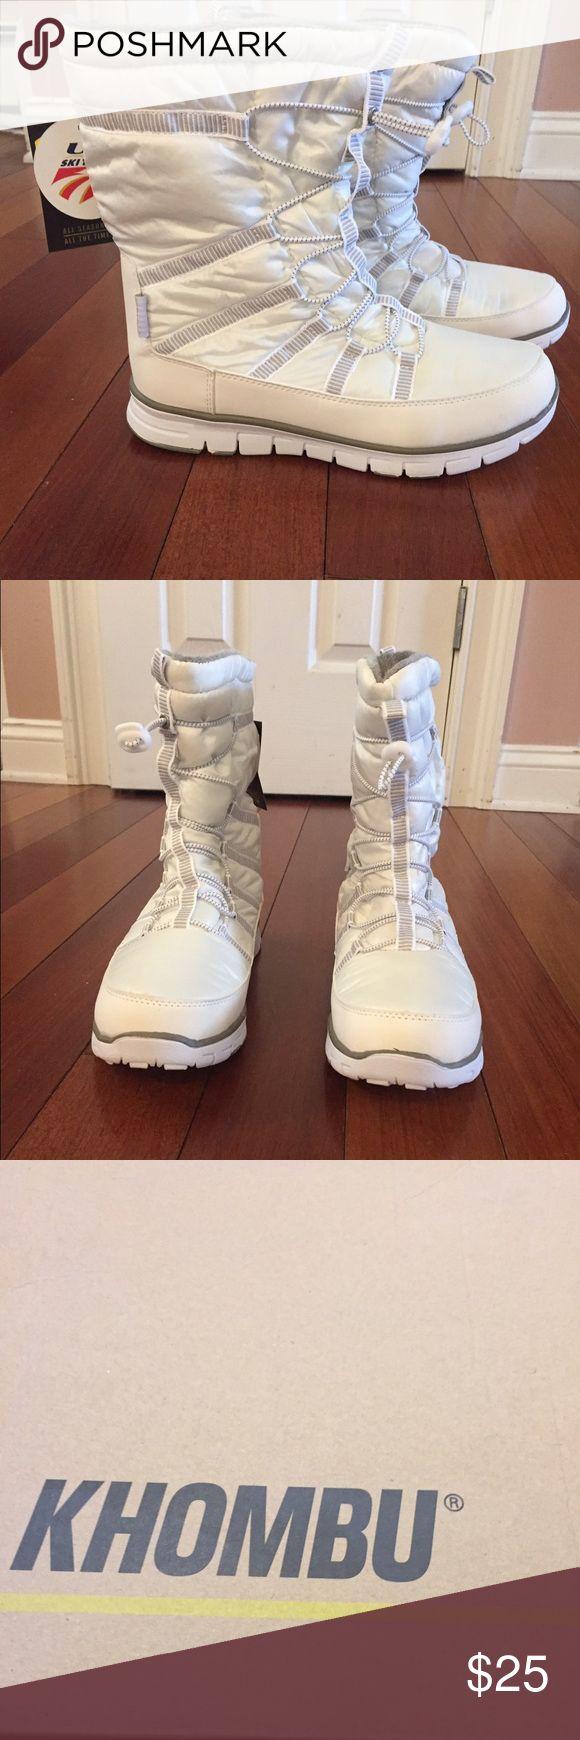 Khombu winter boots White winter boots size 9. New. Khombu Shoes Winter & Rain Boots